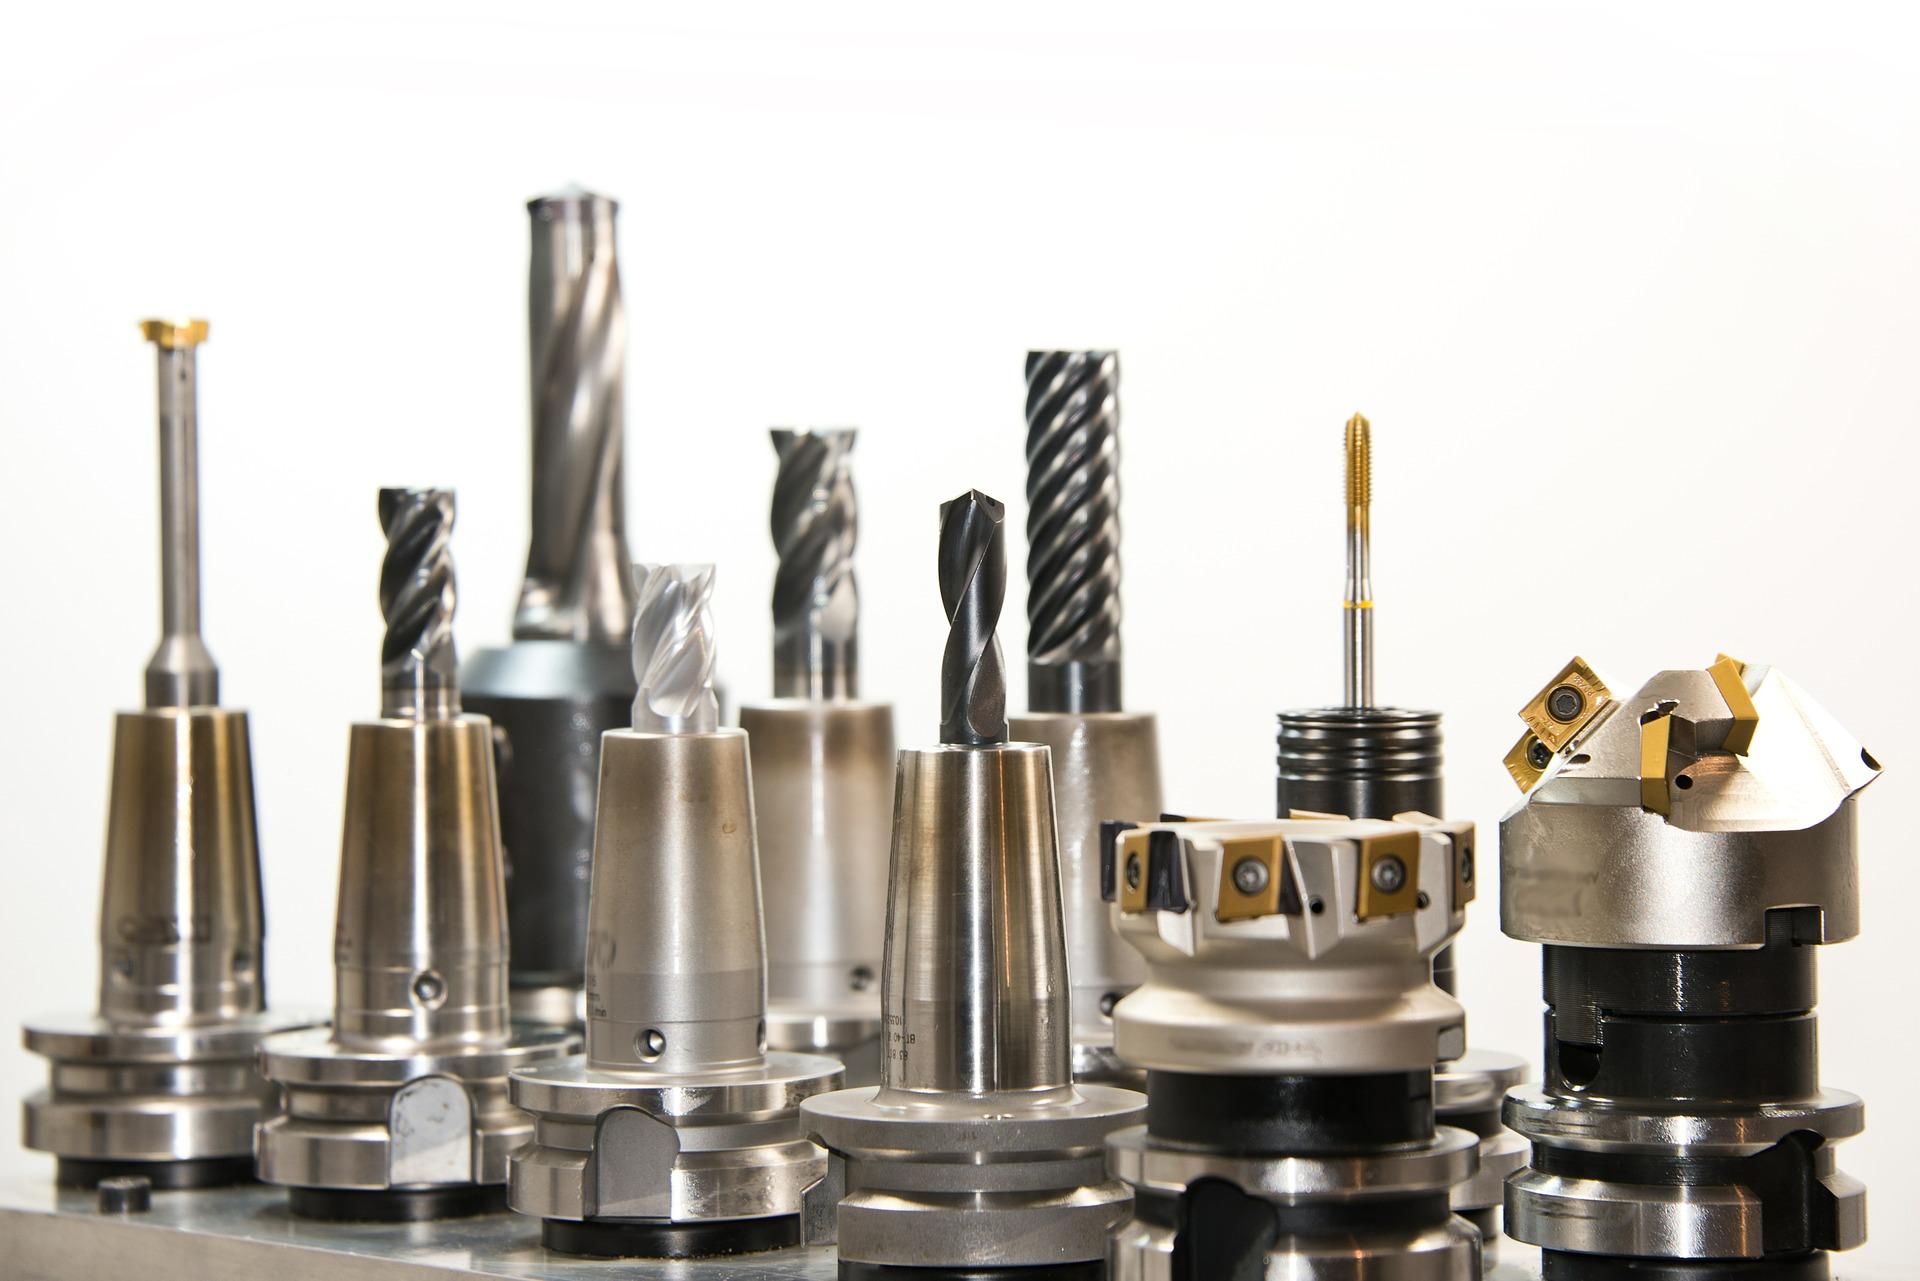 drill-bit-set-444485_1920